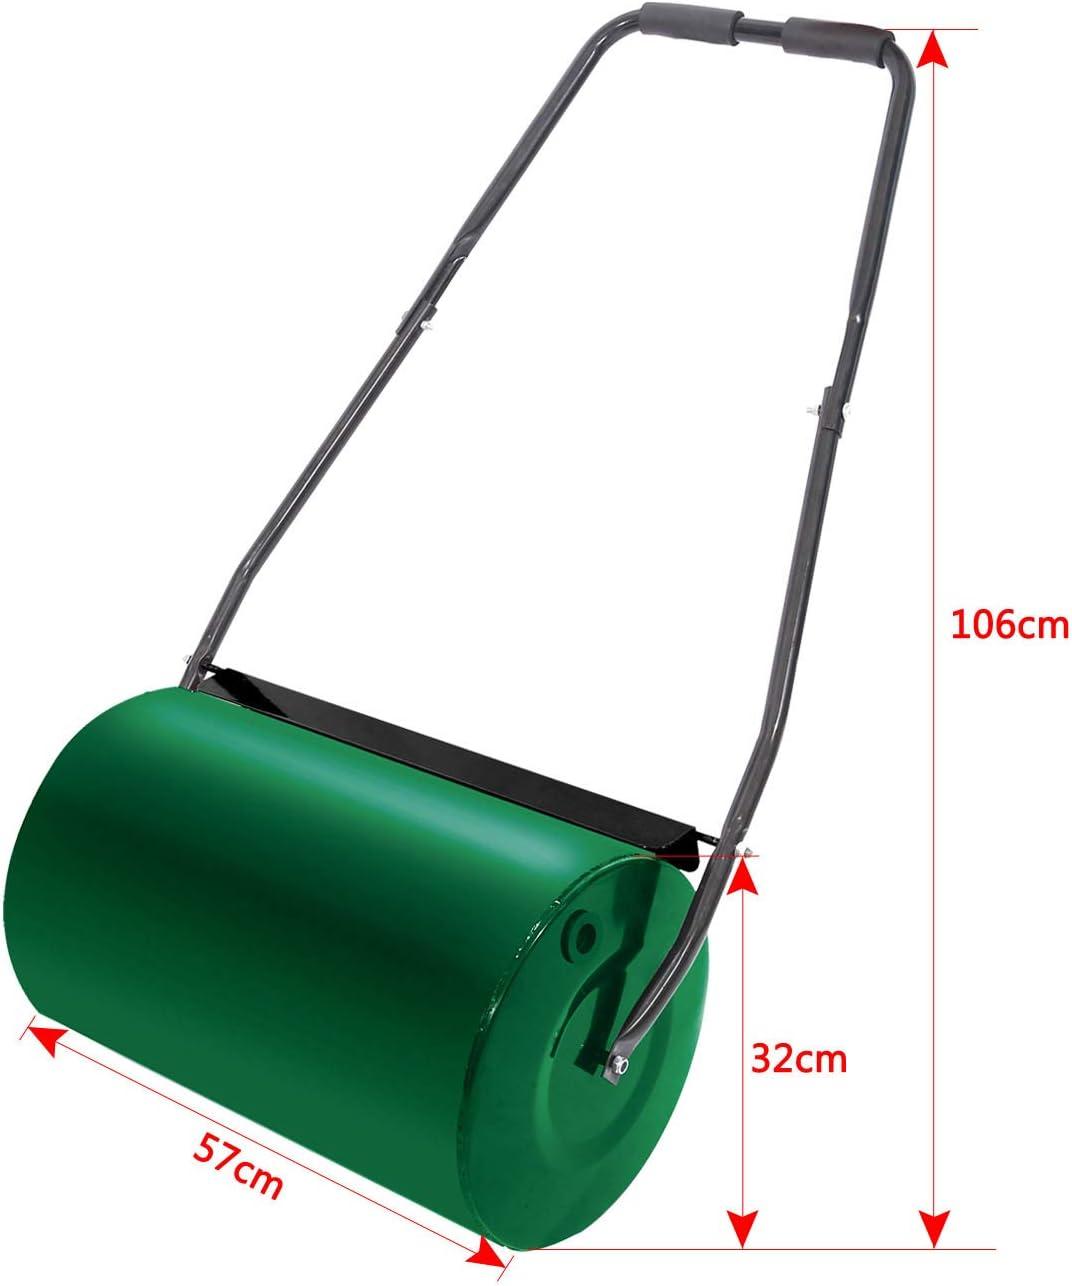 32cm de diam/ètre Capacit/é 46L Vert Aufun Rouleau /à Gazon /à Main 57 cm Largeur de Rouleau